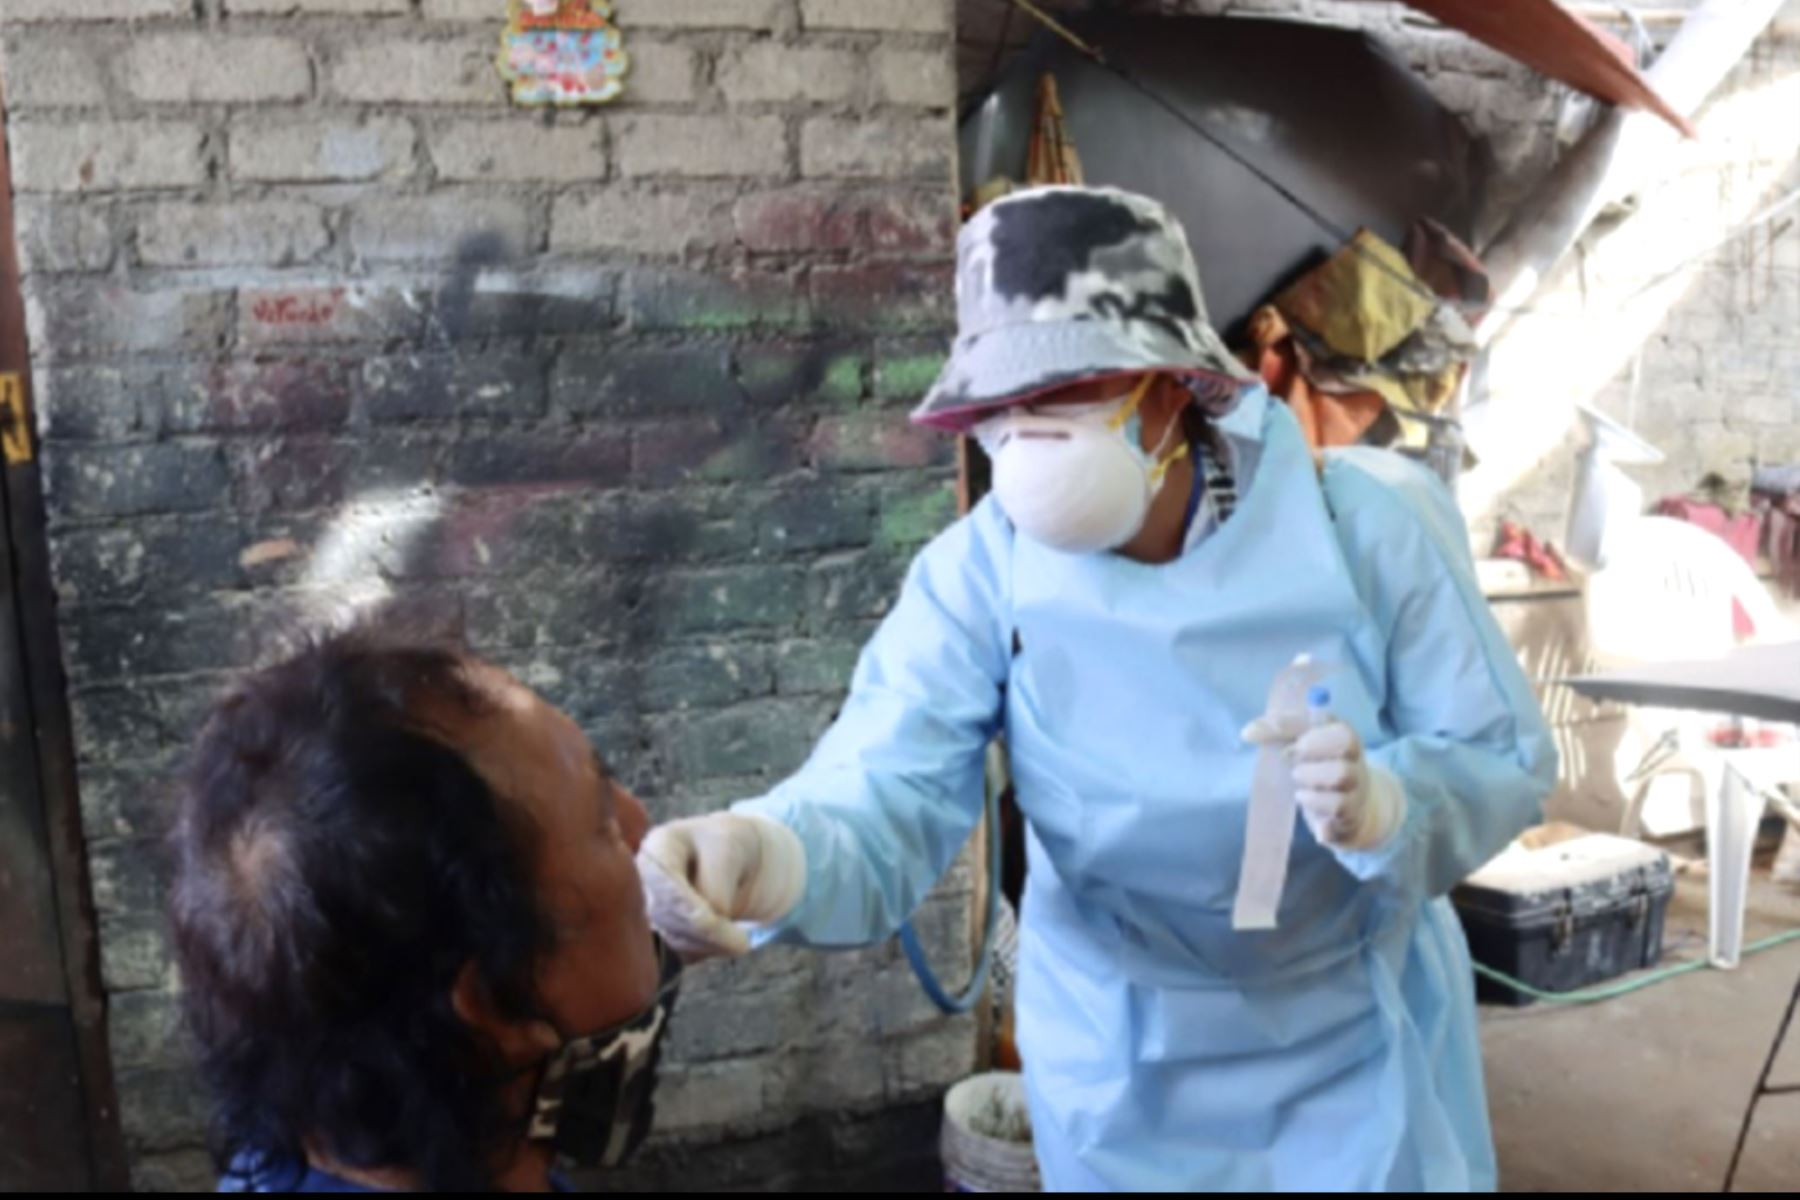 La Red de Salud Pacífico Norte, en un trabajo articulado con la Marina de Guerra del Perú, la Policía Nacional del Perú y la municipalidad provincial del Santa, ejecutó la Operación Tayta mediante las visitas casa por casa en Chimbote, con la finalidad de detectar nuevos casos de covid-19.